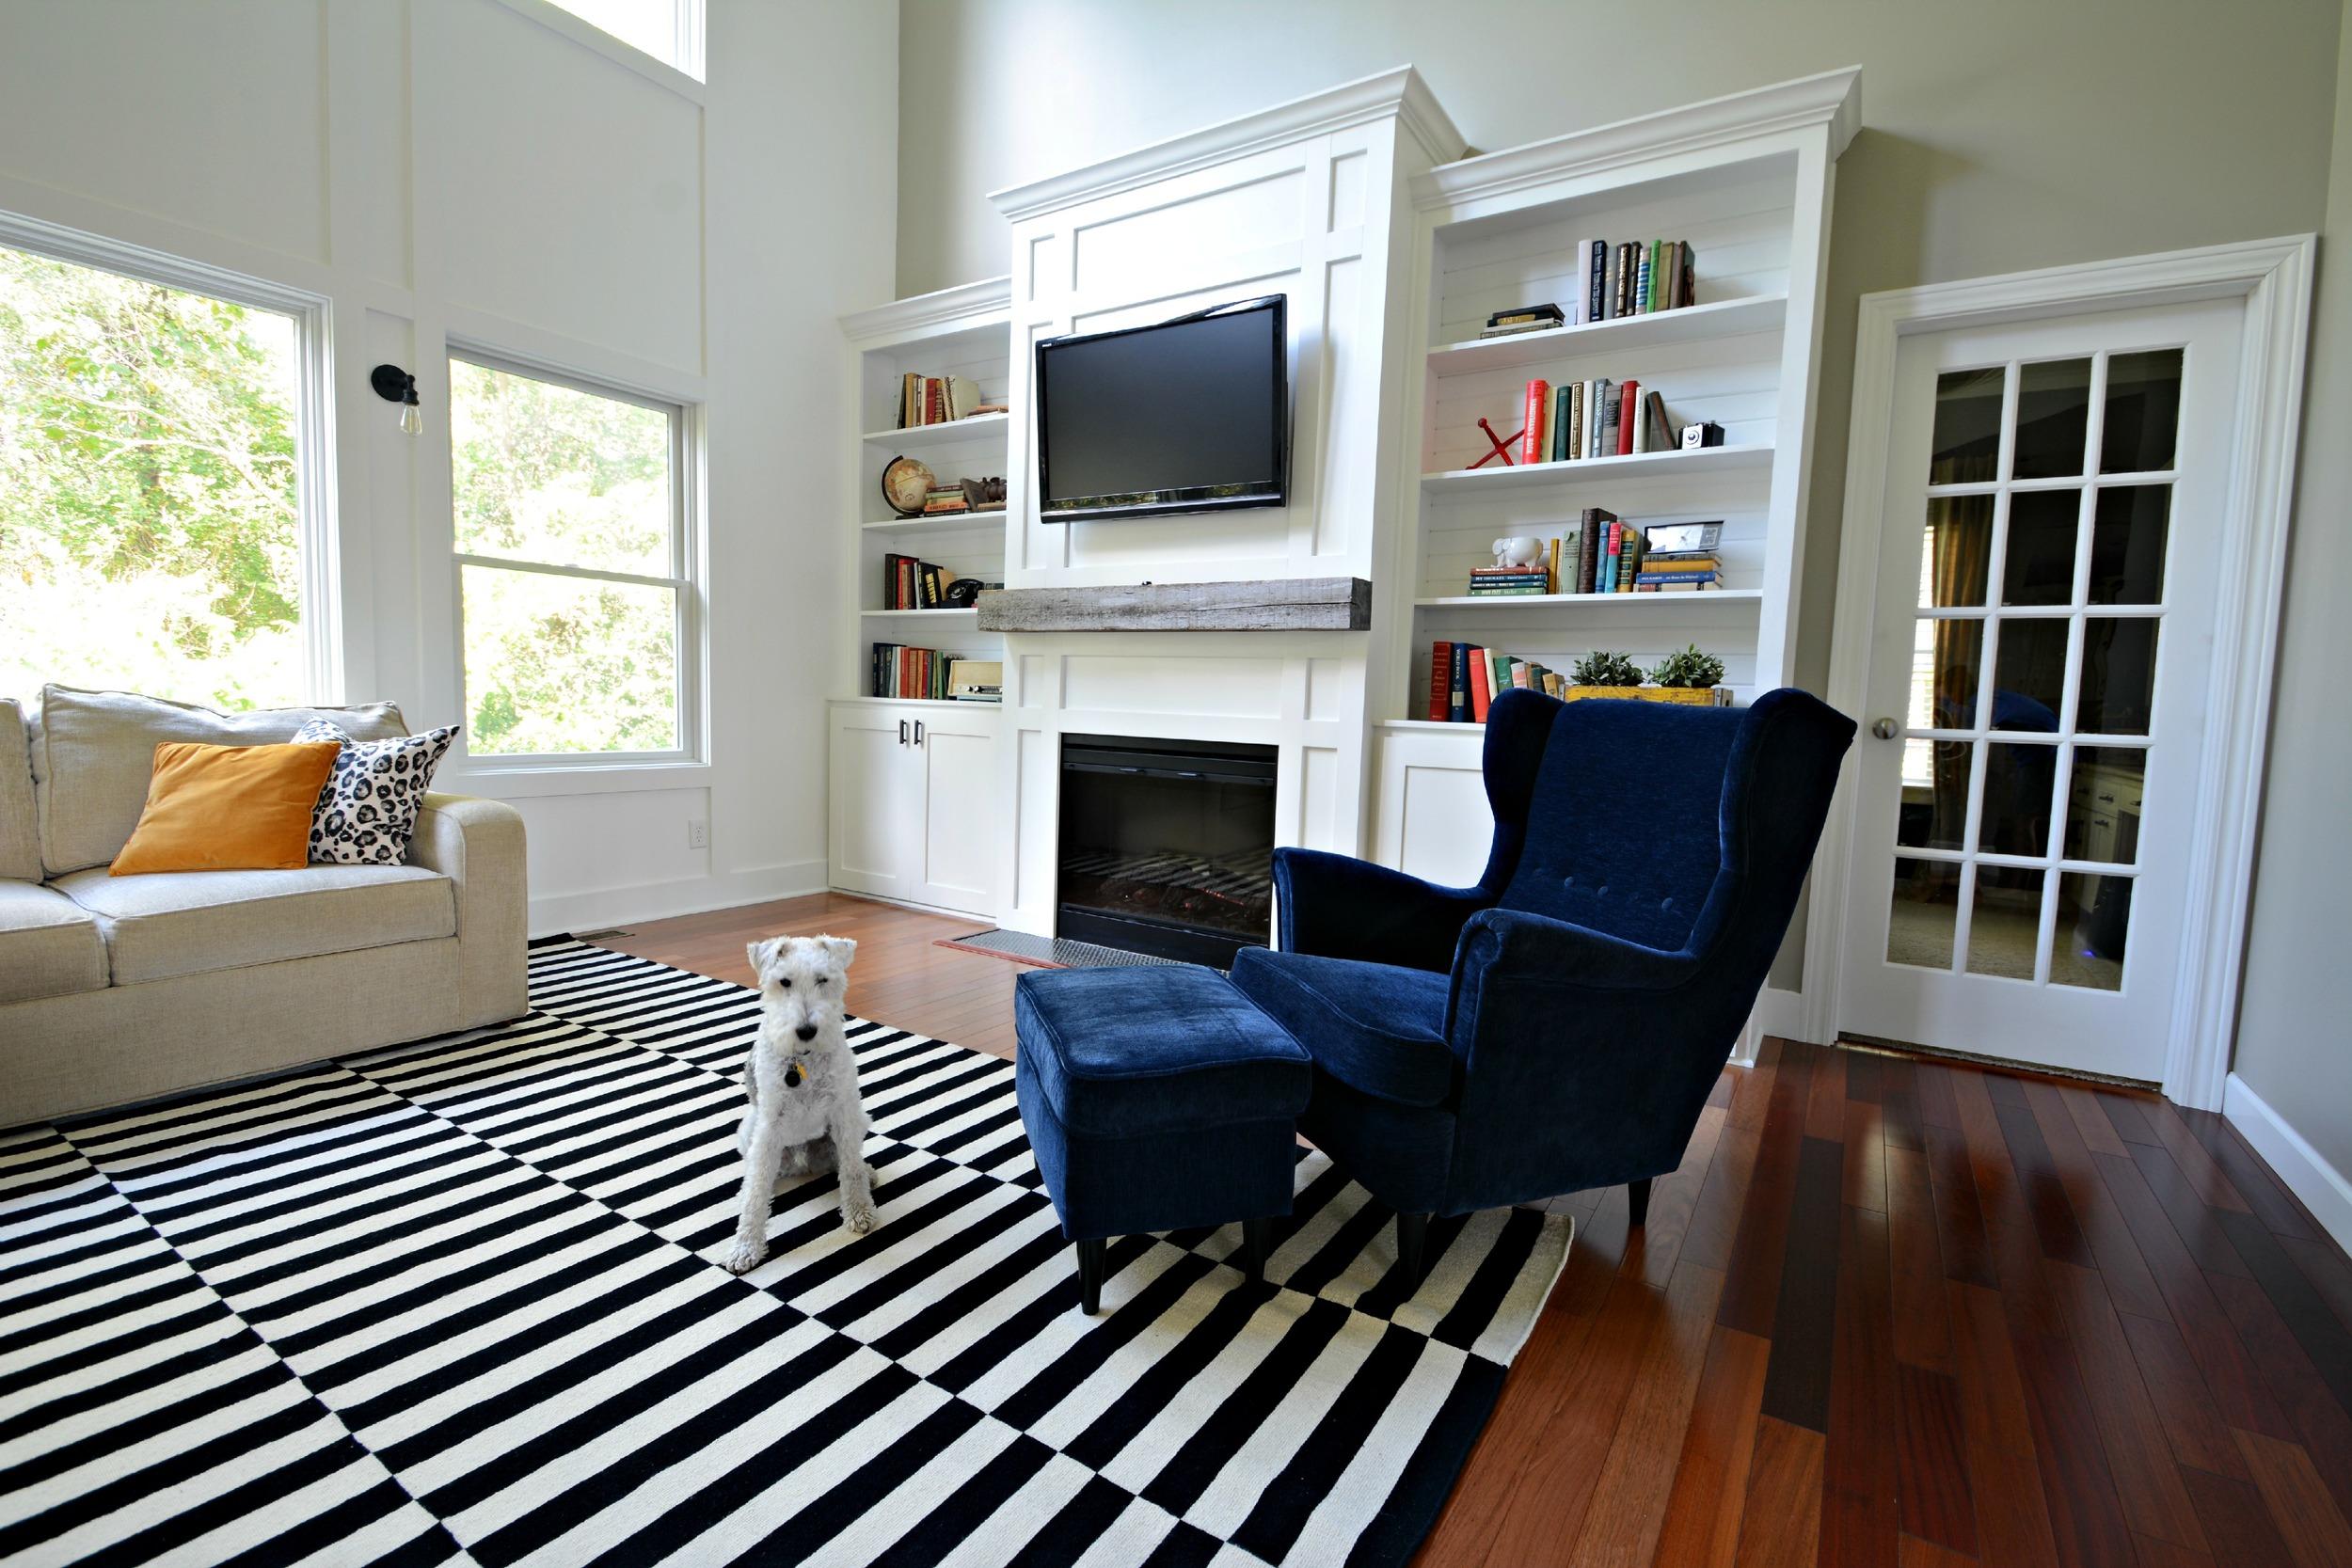 Living Room Updates {IKEA Stockholm Rug} Black, White, Navy. Barn Beam Mantel Built-ins. Books.